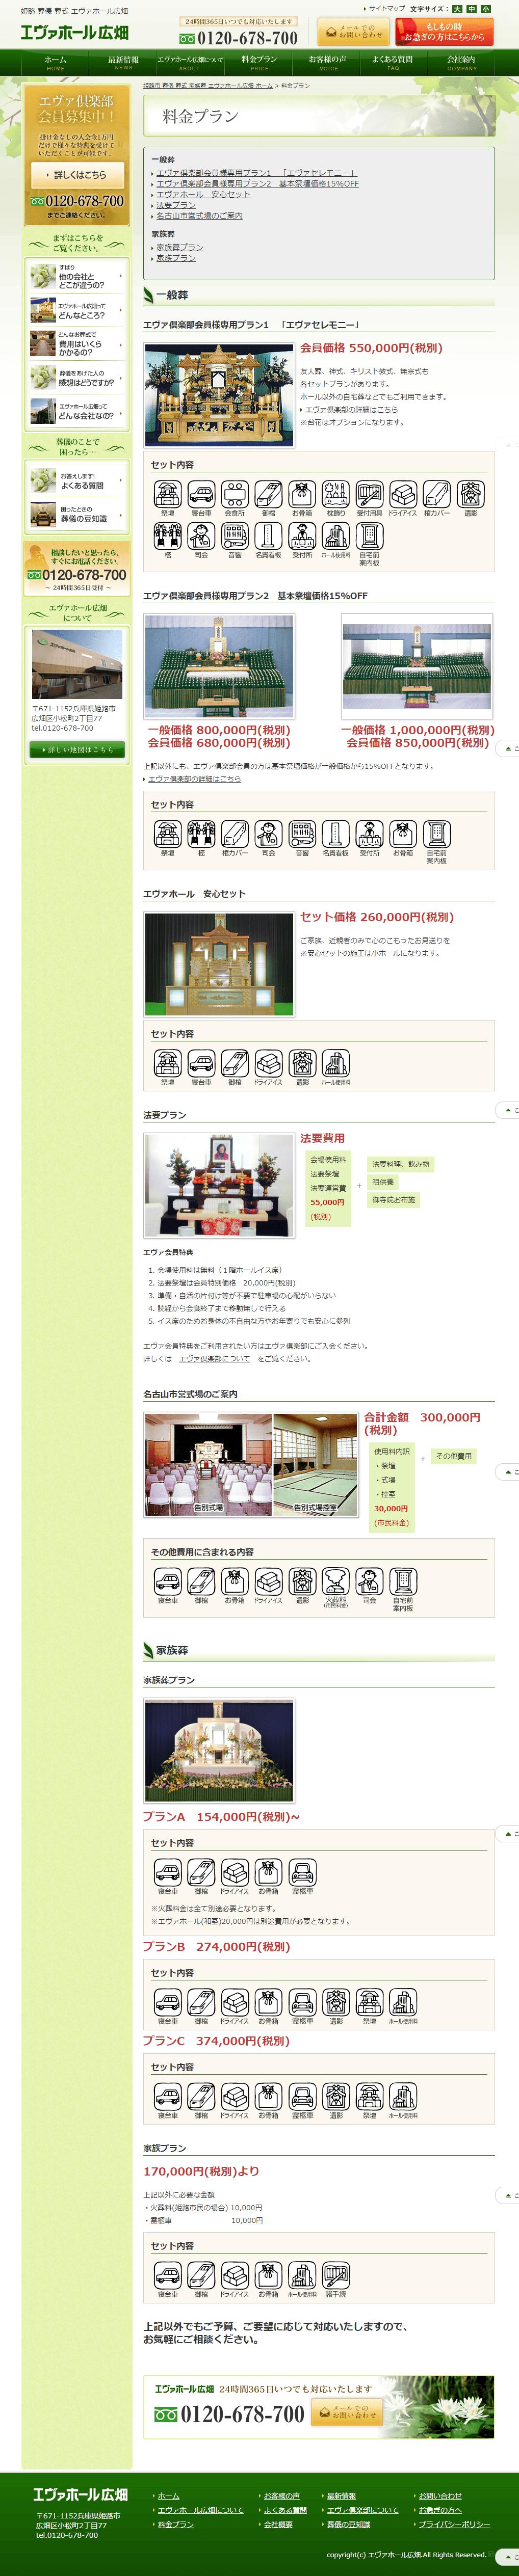 姫路市 エヴァホール広畑様 ホームページ制作2